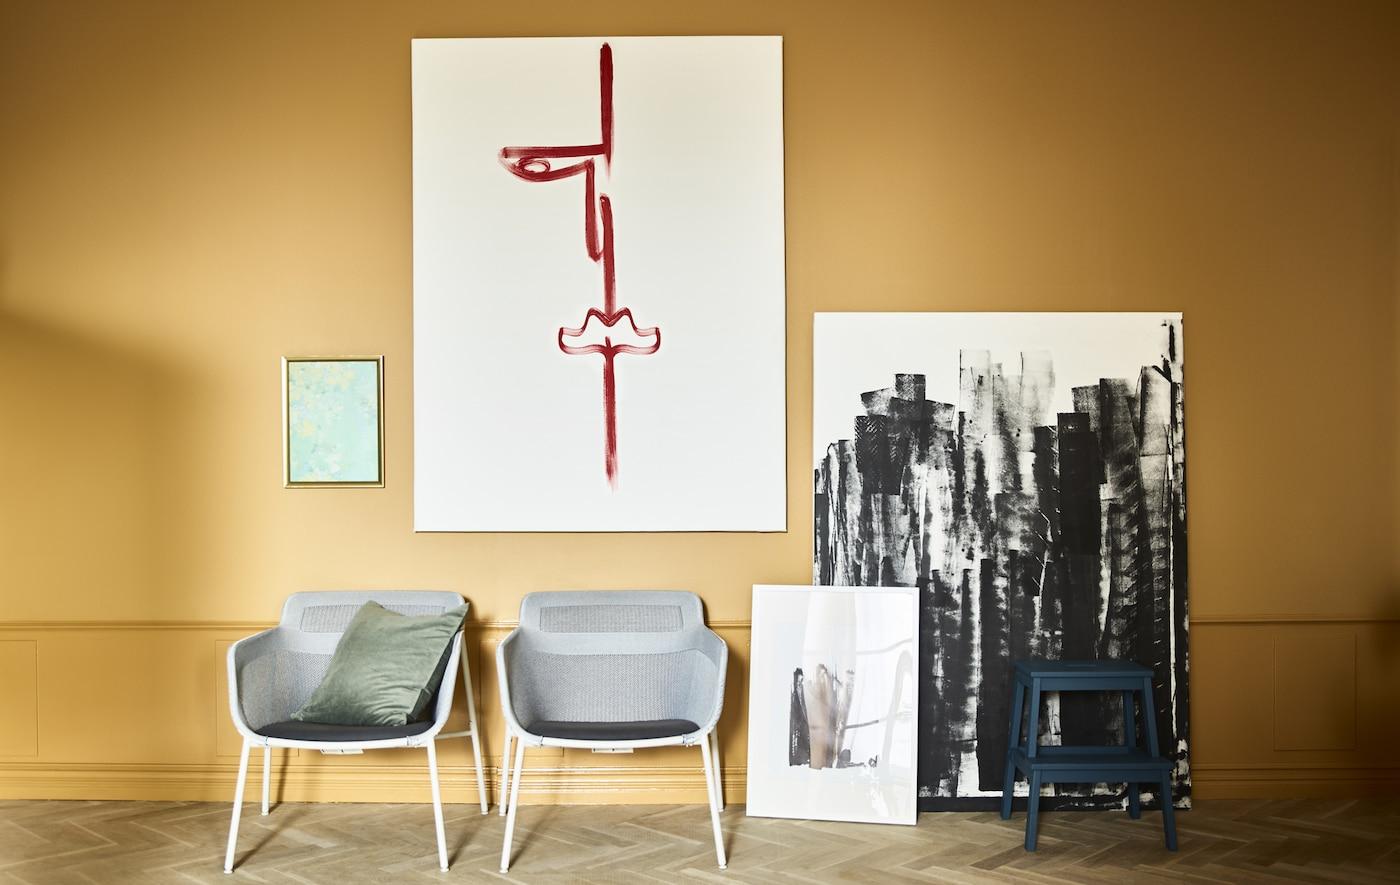 أعمال فنية مصنوعة في المنزل وكرسيان بذراعين بمحاذاة حائط أصفر شاحب.